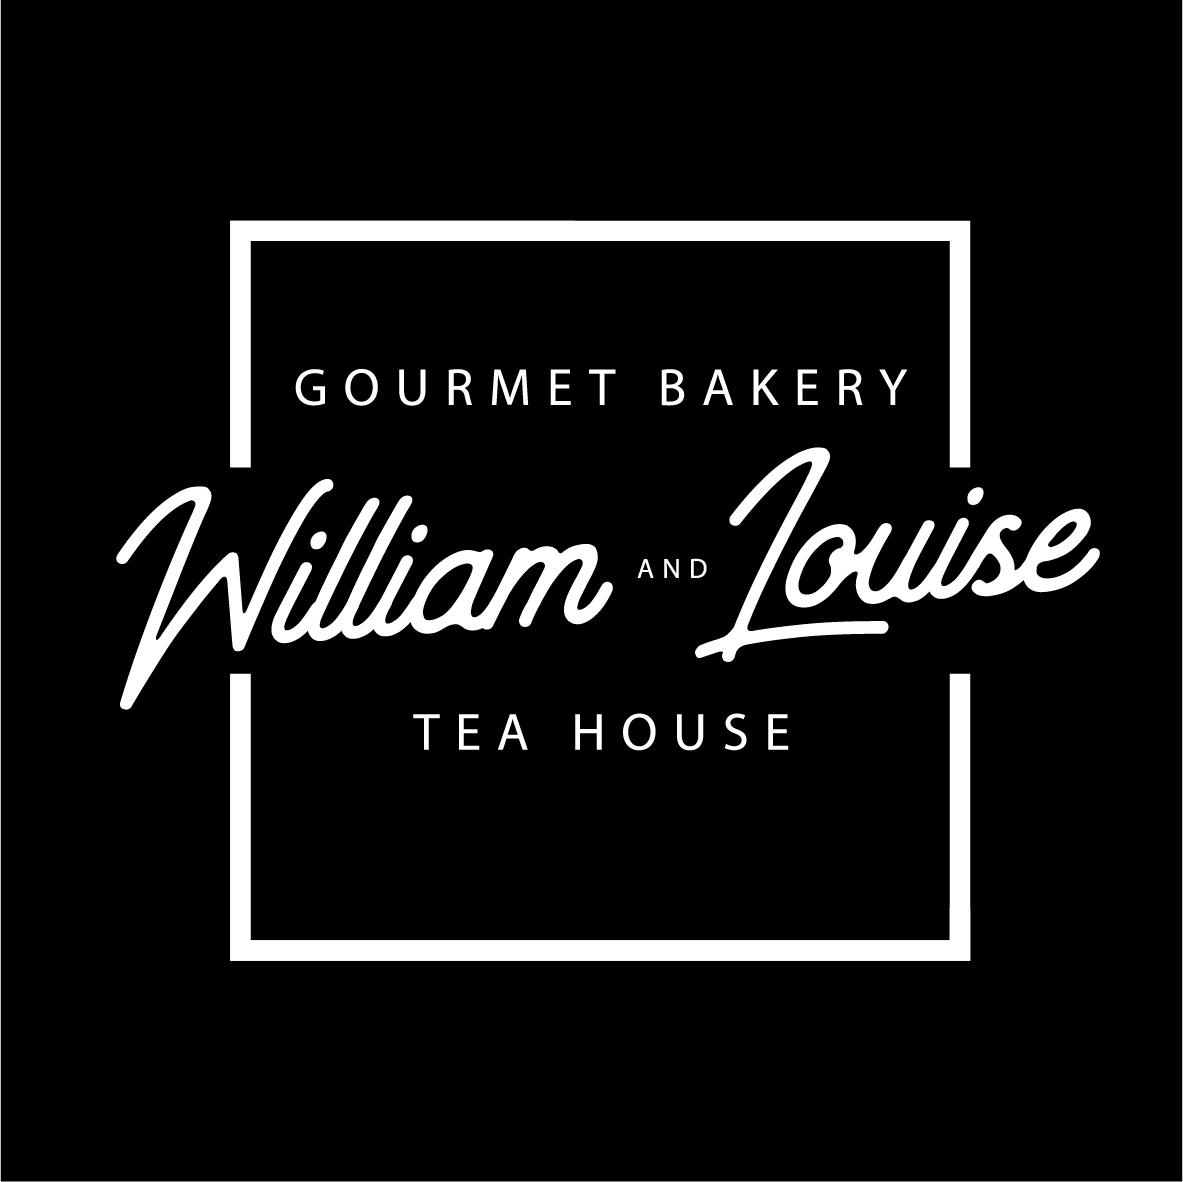 William & Louise